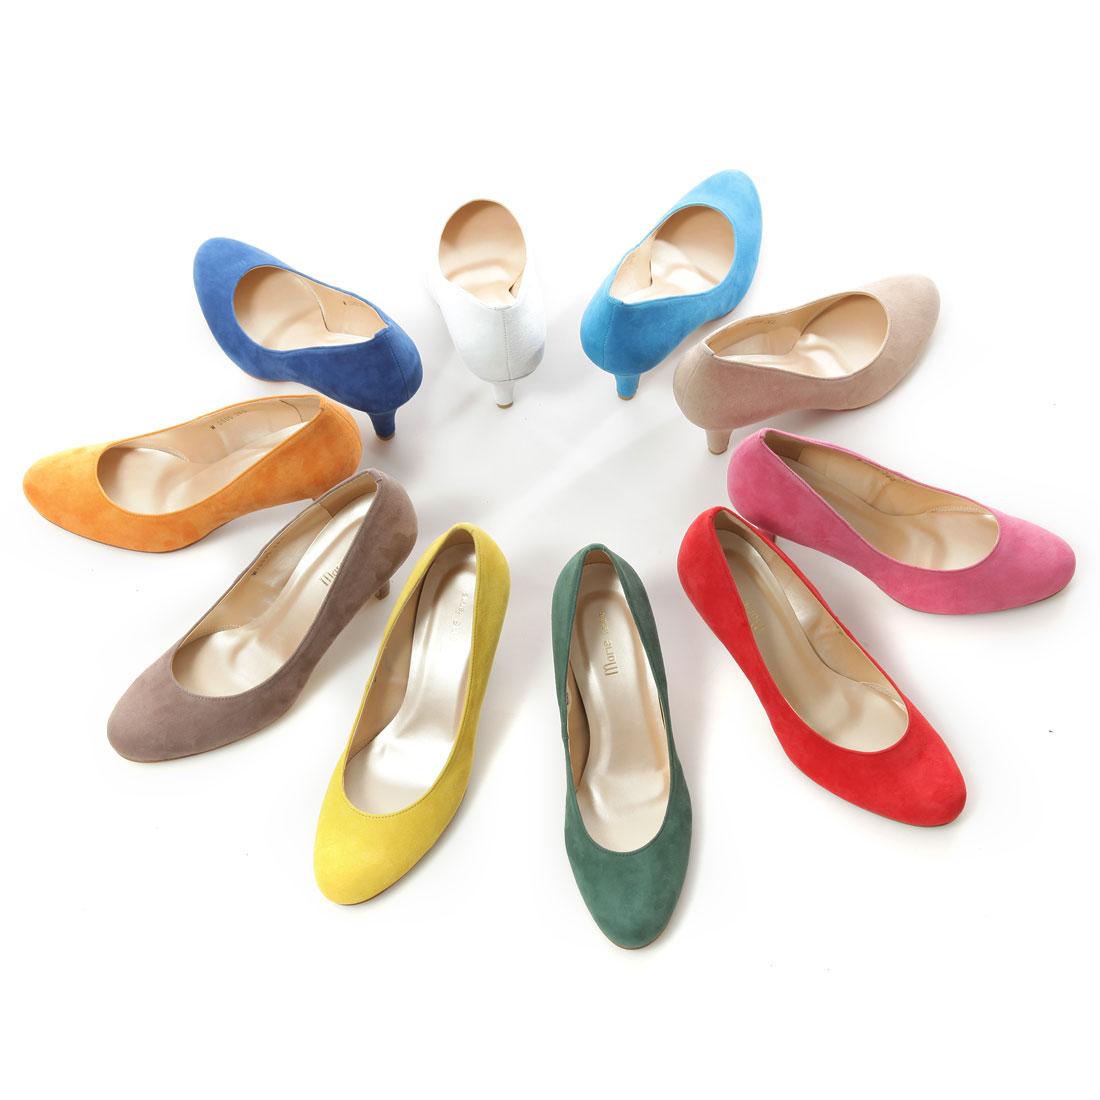 靴箱に靴が全部入らない!そんなお悩みを解決できる収納法をご紹介!のサムネイル画像